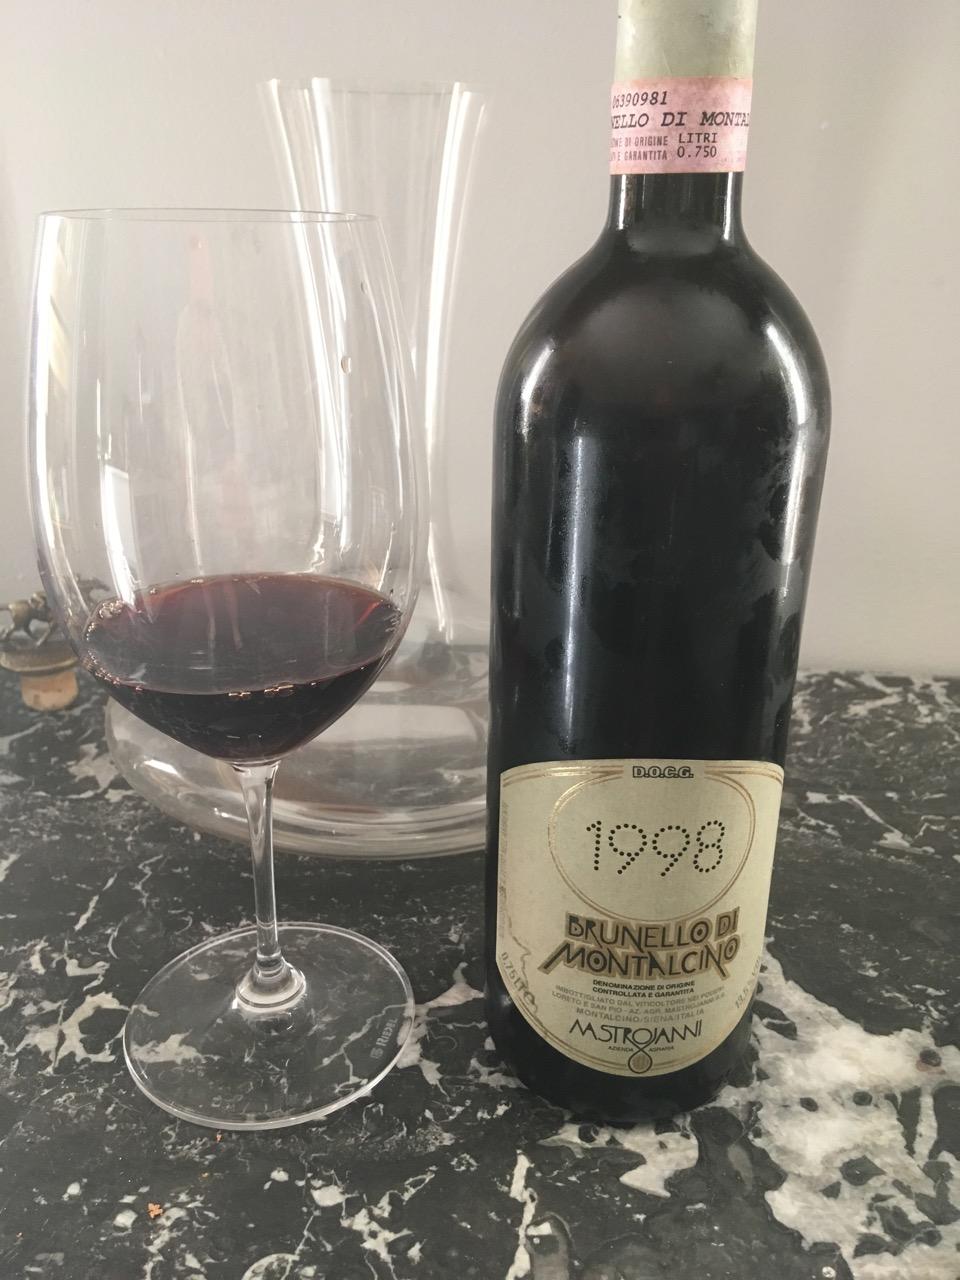 1998 Mastrojanni, Brunello di Montalcino